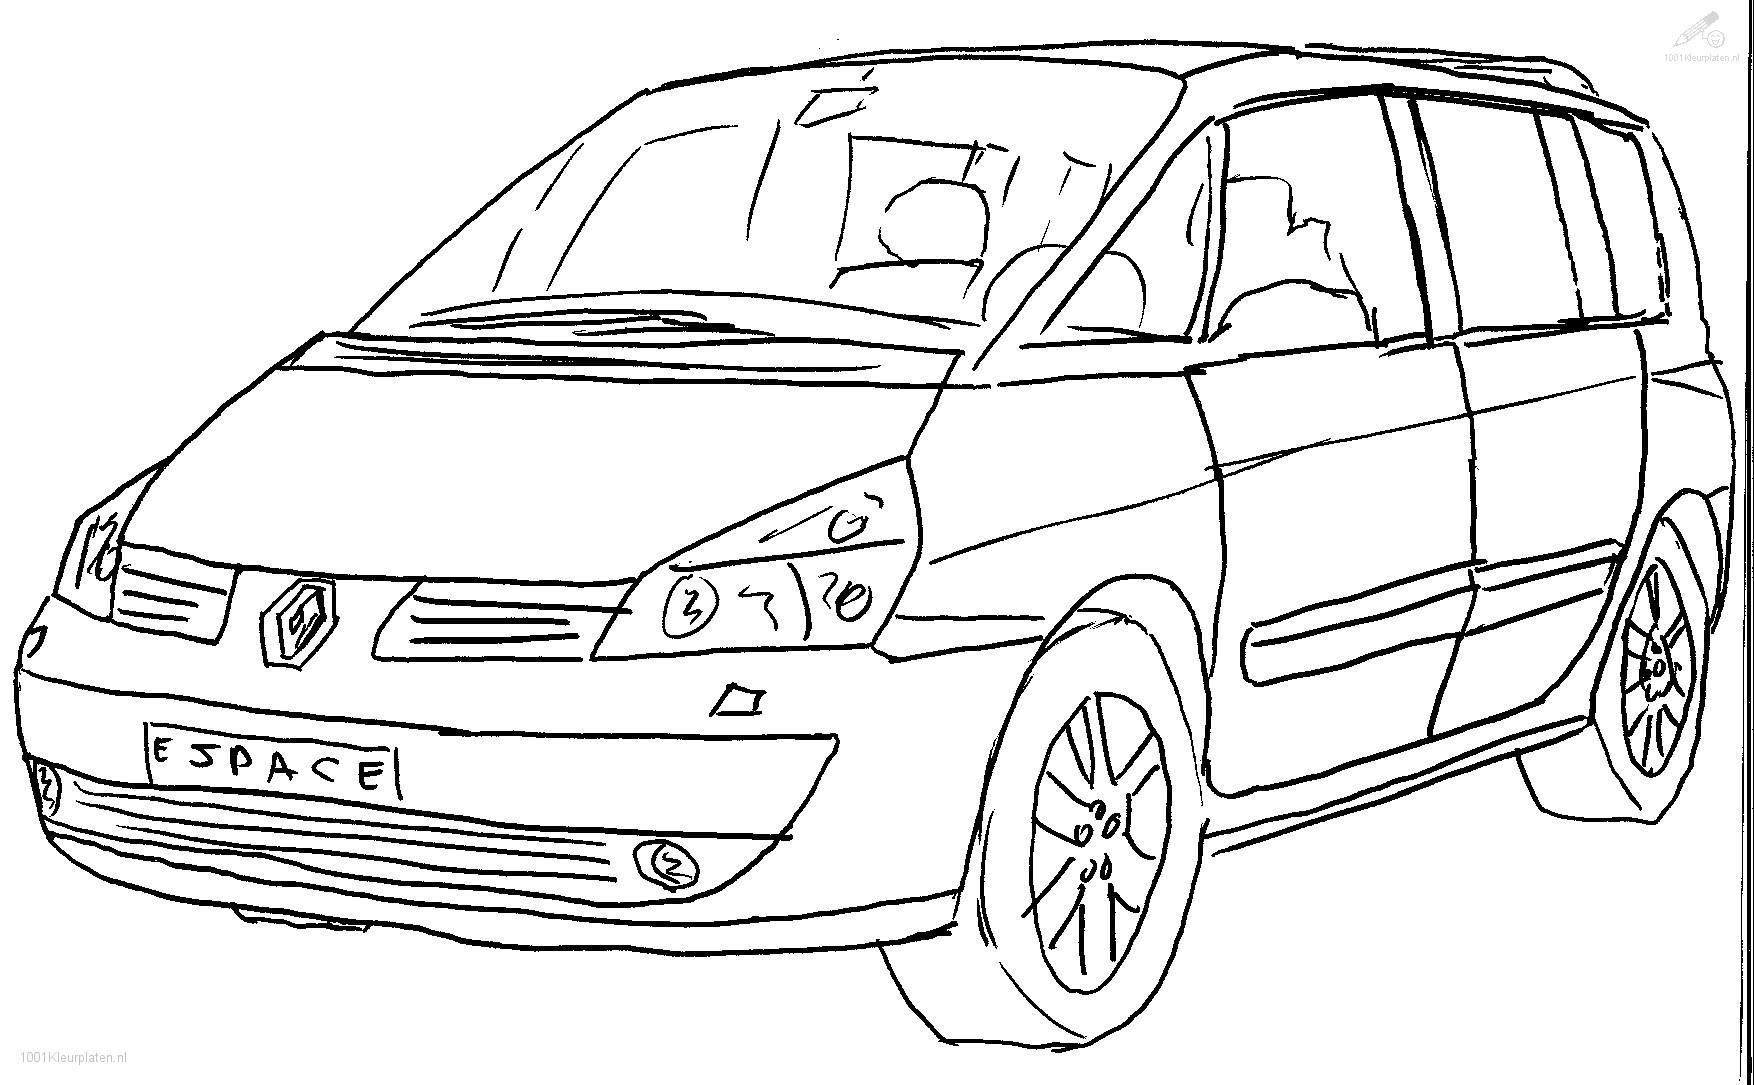 Kleurplaten Voertuigen Trein.Kleurplaat Voertuigen Auto Kleurplaat Renault